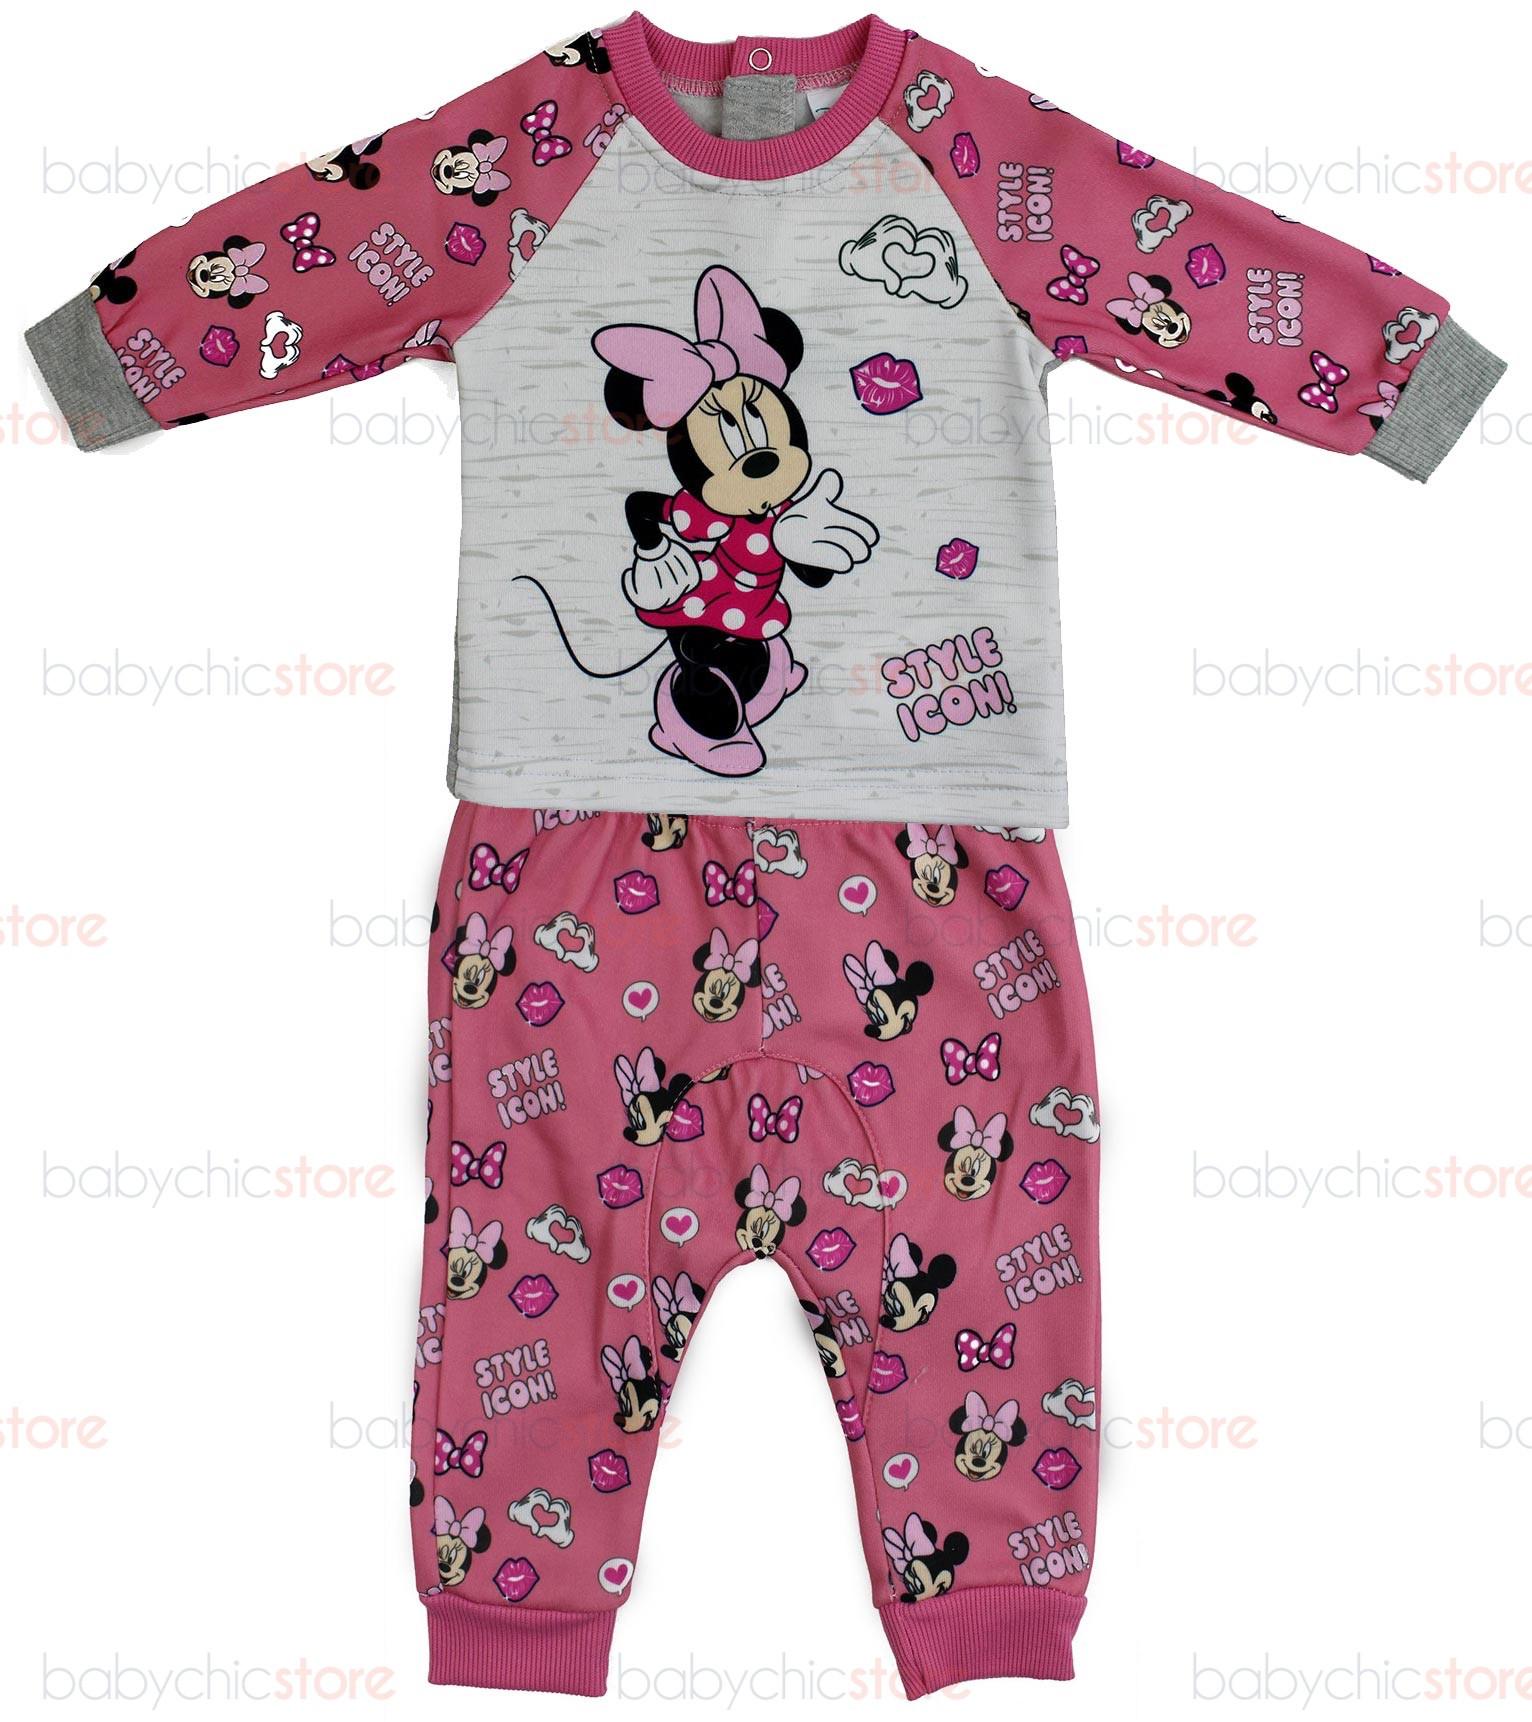 Tuta Neonato Disney Minnie Rosa/Grigio - 12 Mesi